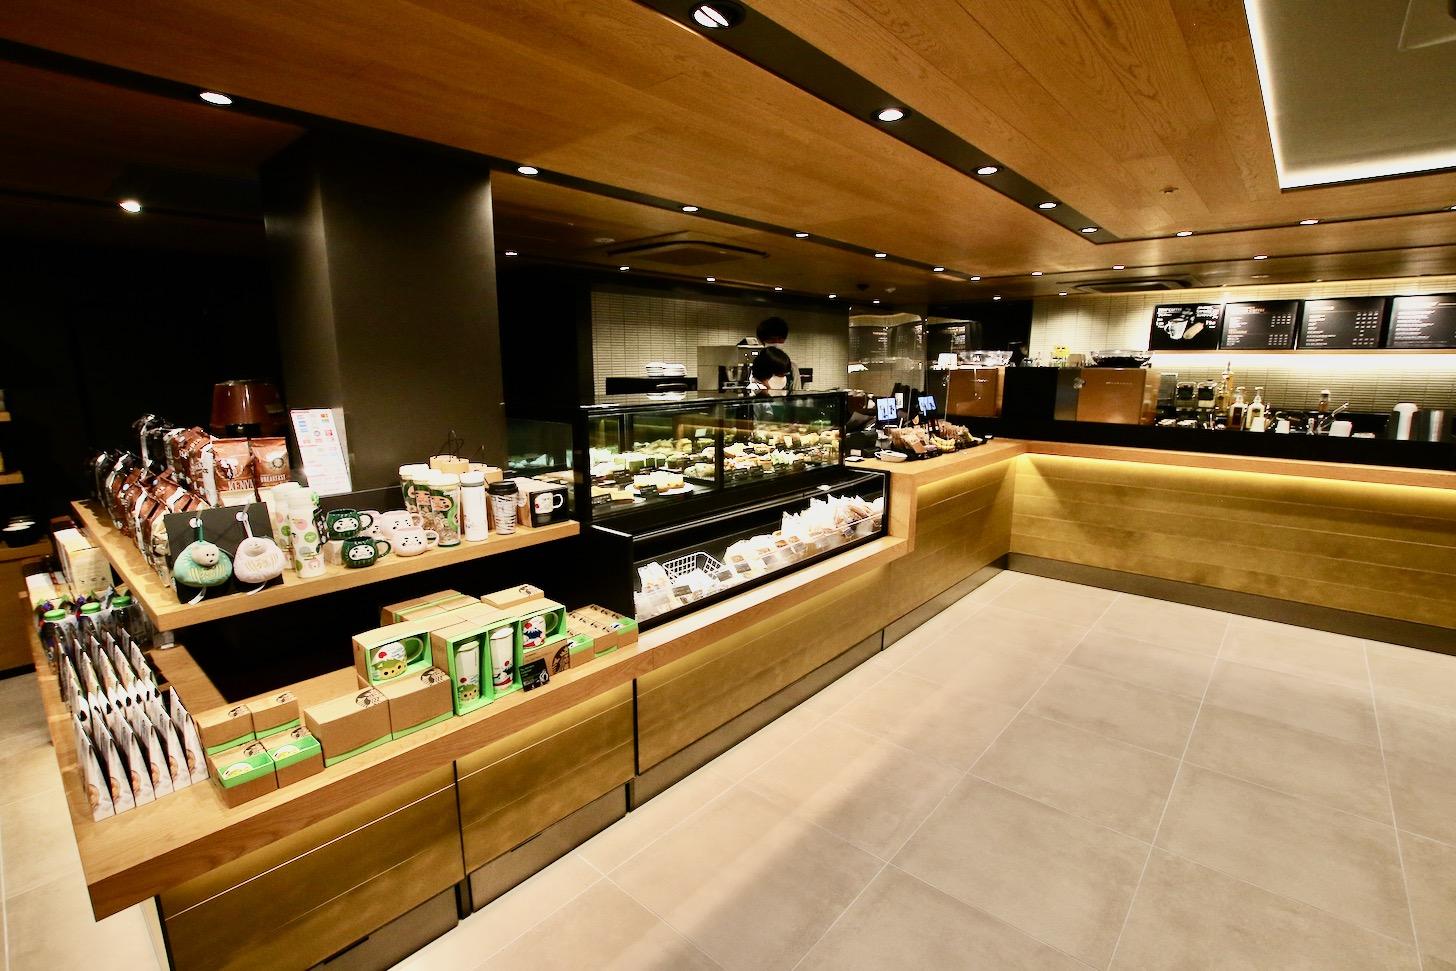 スターバックス コーヒー 東京駅八重洲北口東京ギフトパレット店